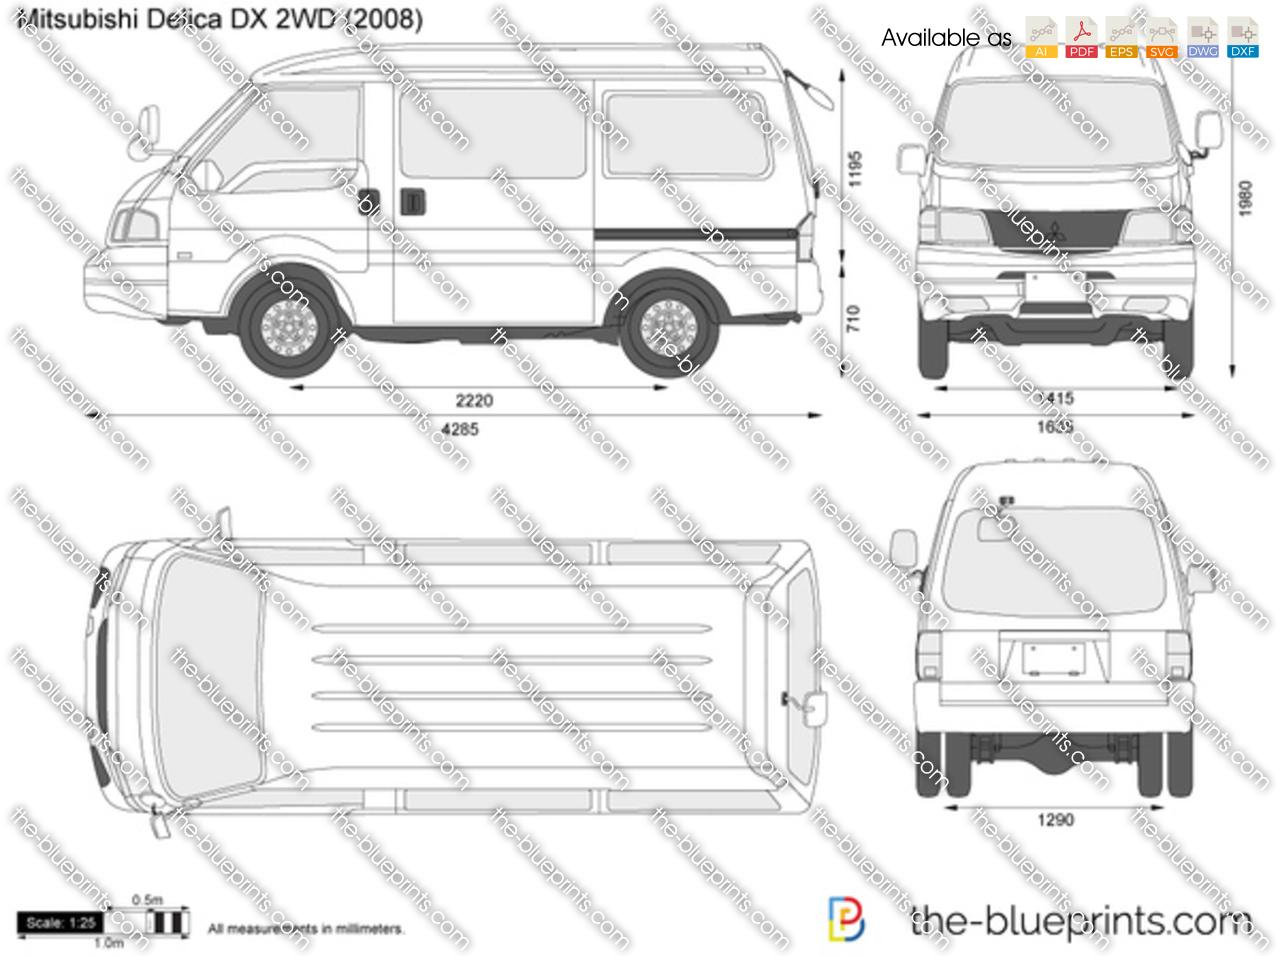 Mitsubishi Delica DX 2WD 1997